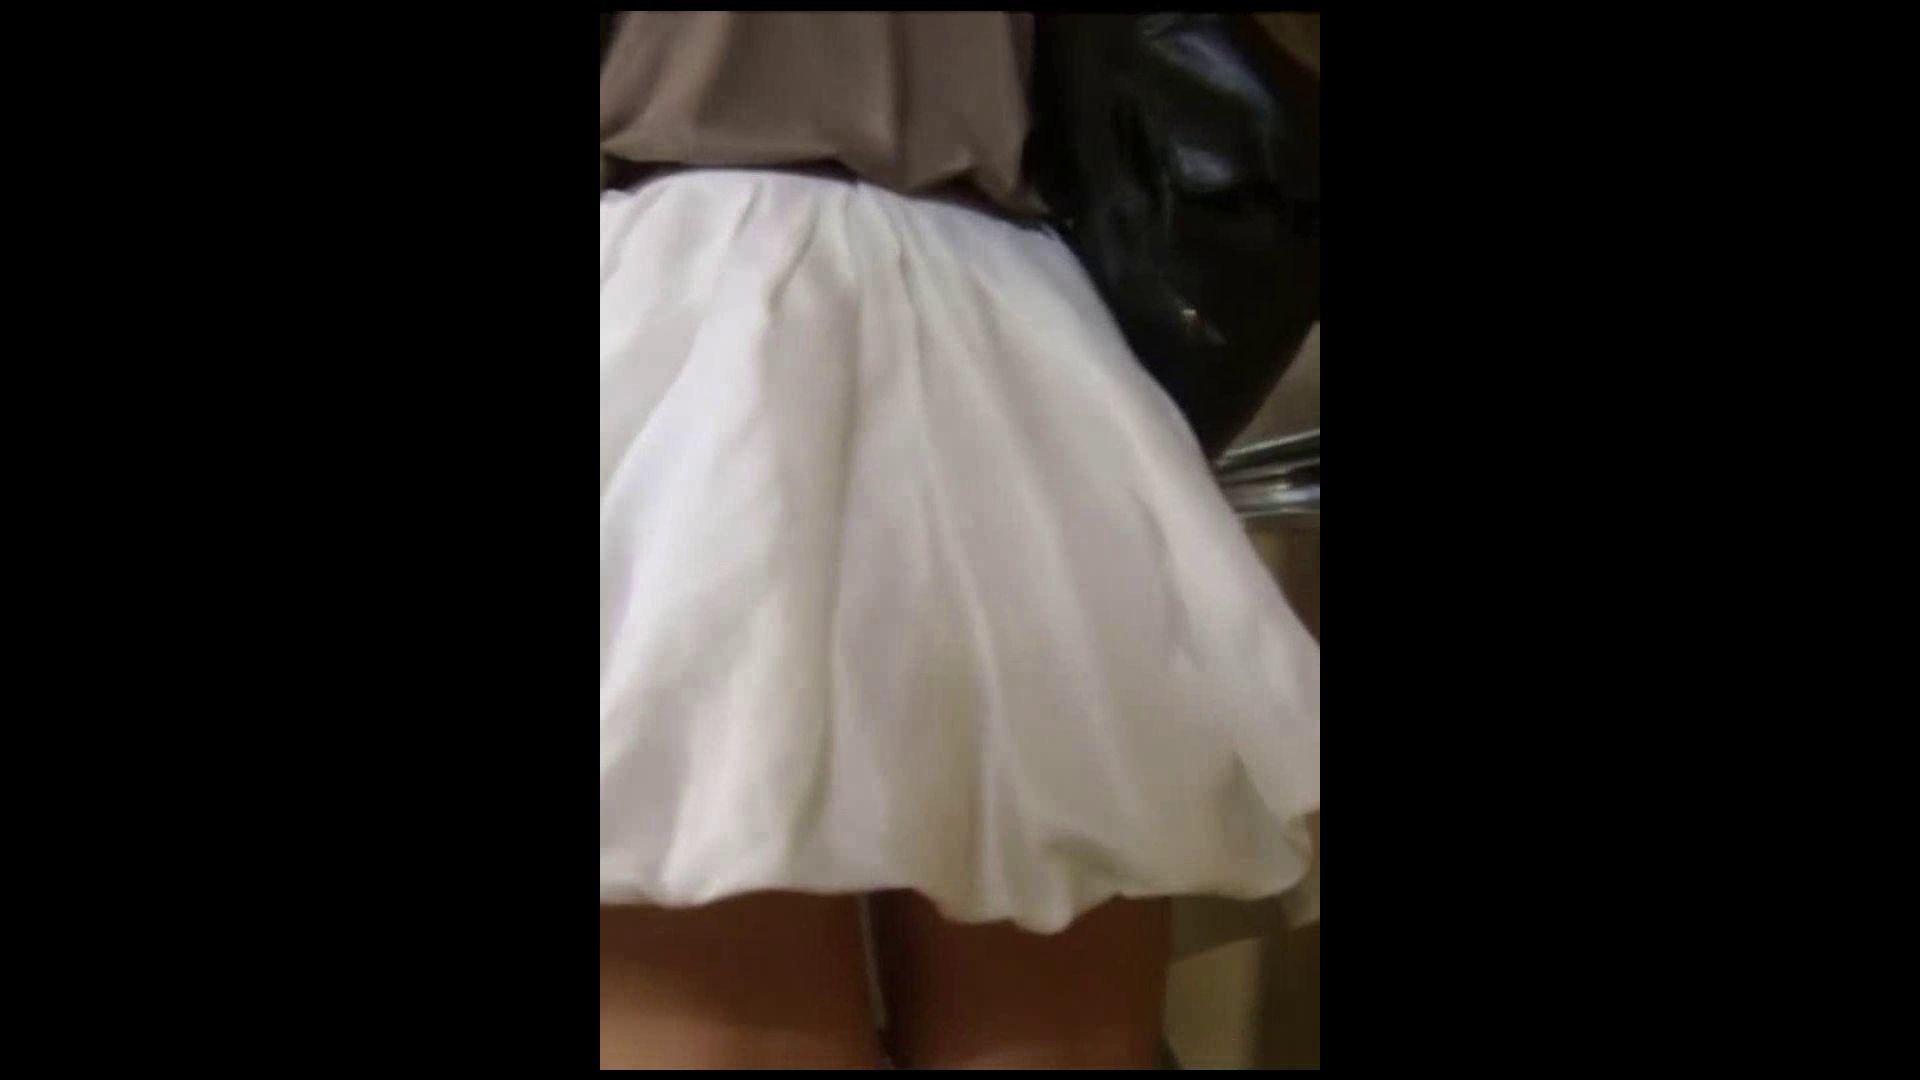 綺麗なモデルさんのスカート捲っちゃおう‼vol03 Hなお姉さん   HなOL  87pic 85